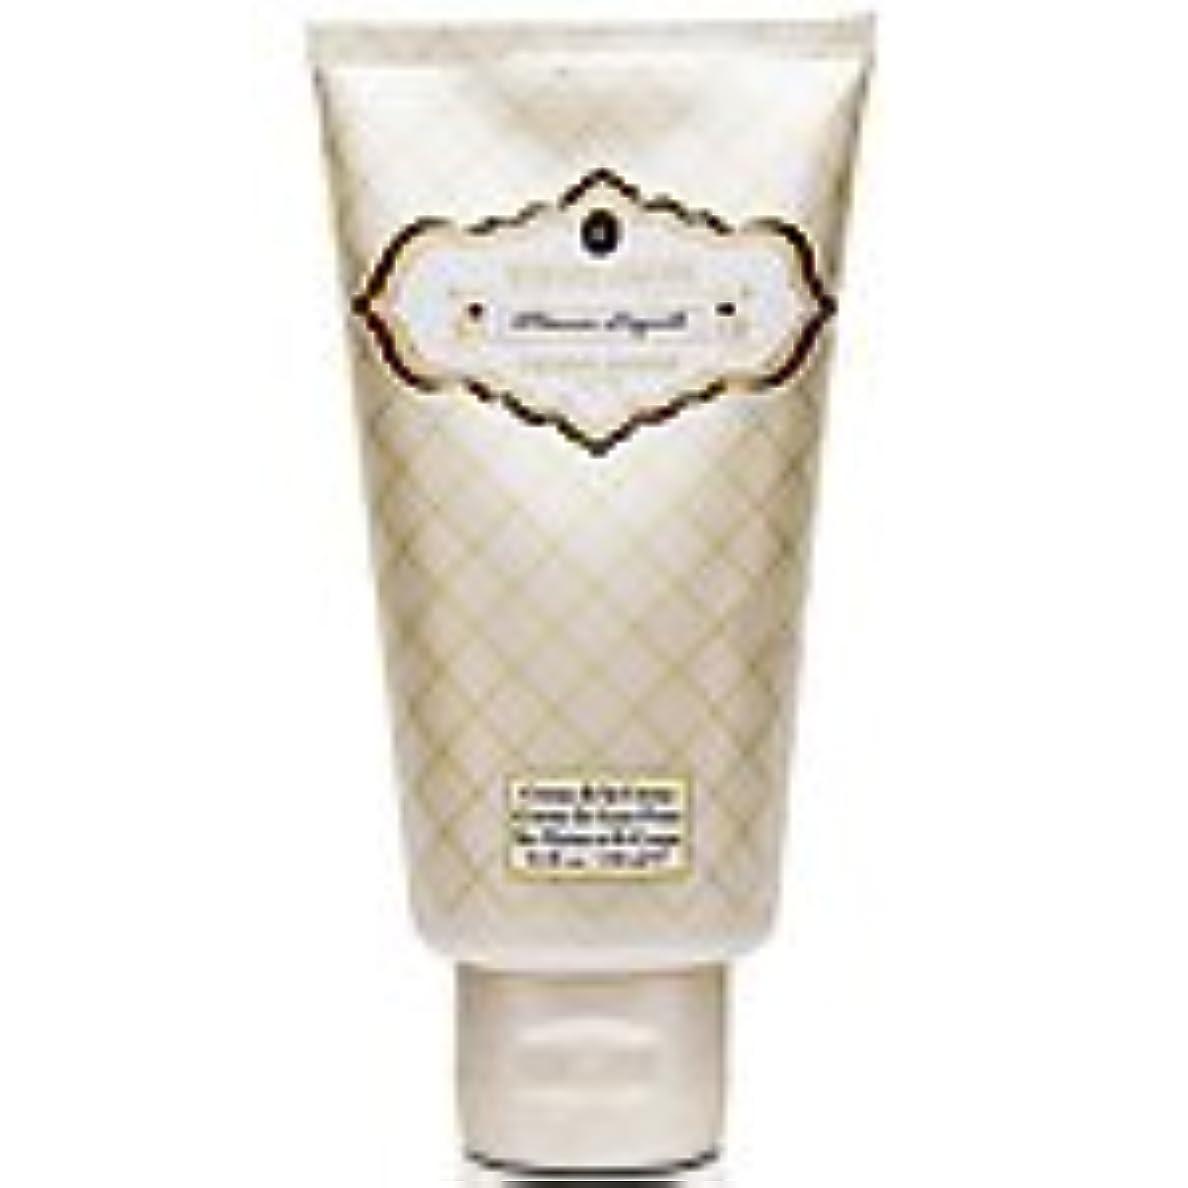 膿瘍コインすずめMemoire Liquide Reserve - Encens Liquide (メモワールリキッドリザーブ - エンセンスリキッド) 5.1 oz (153ml) Body Cream for Unisex